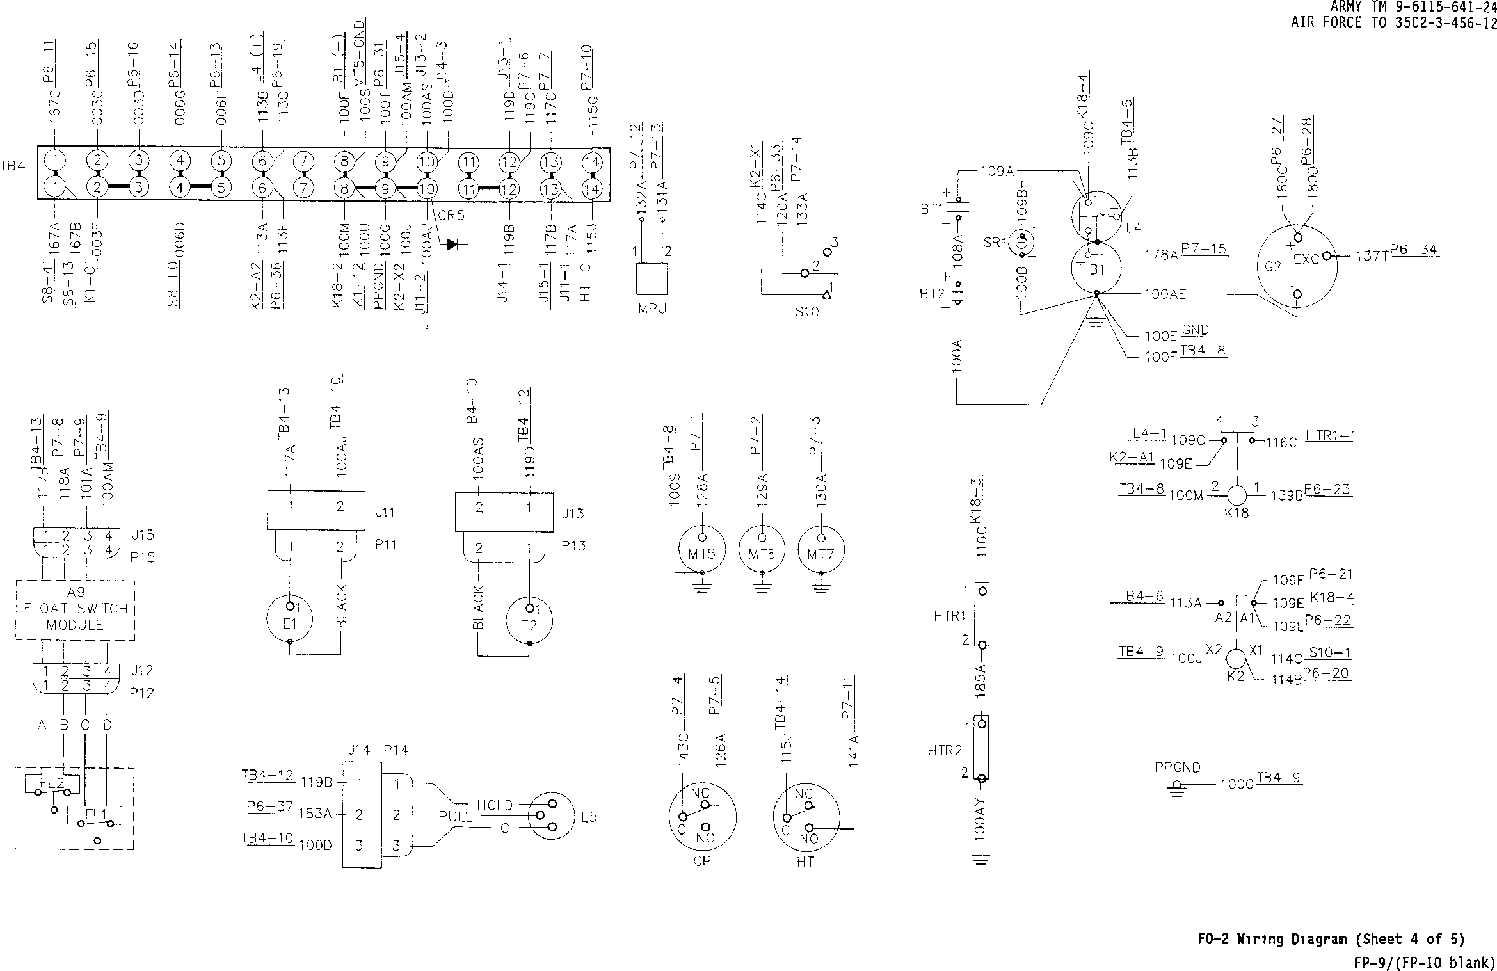 Fo 2 Wiring Diagram Sheet 4 Of 5